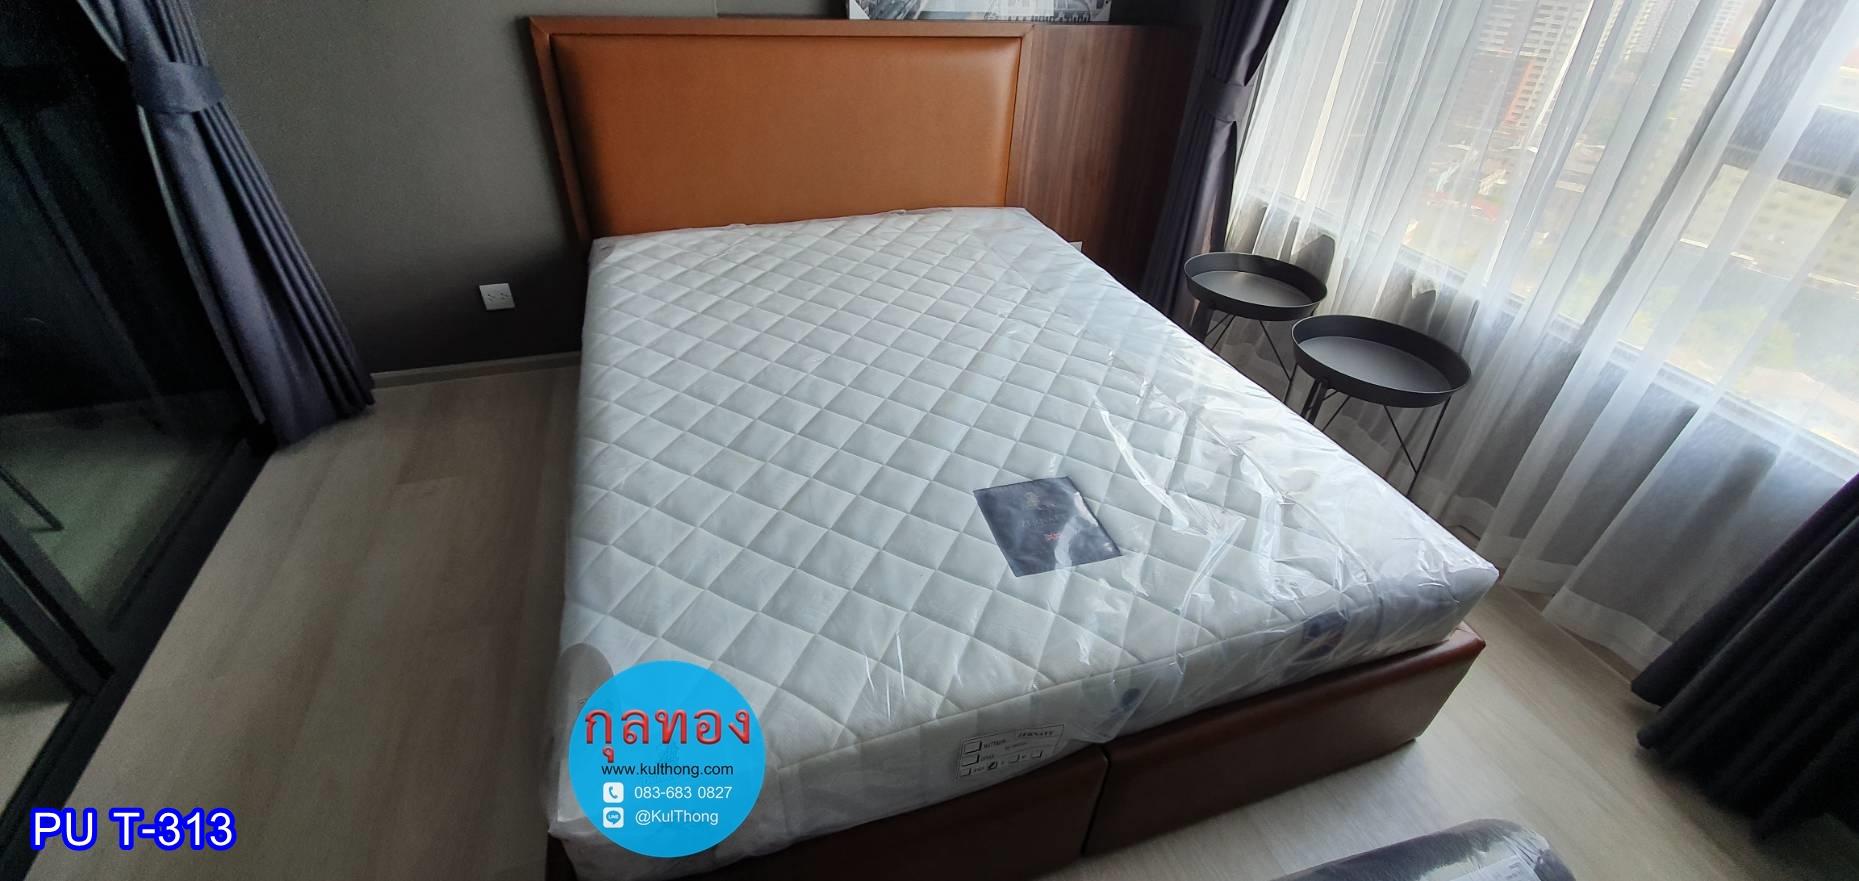 โรงงานผู้ผลิตและจำหน่ายเตียงนอน เตียงนอนแบบมีหัวเตียง เตียงดีไซน์